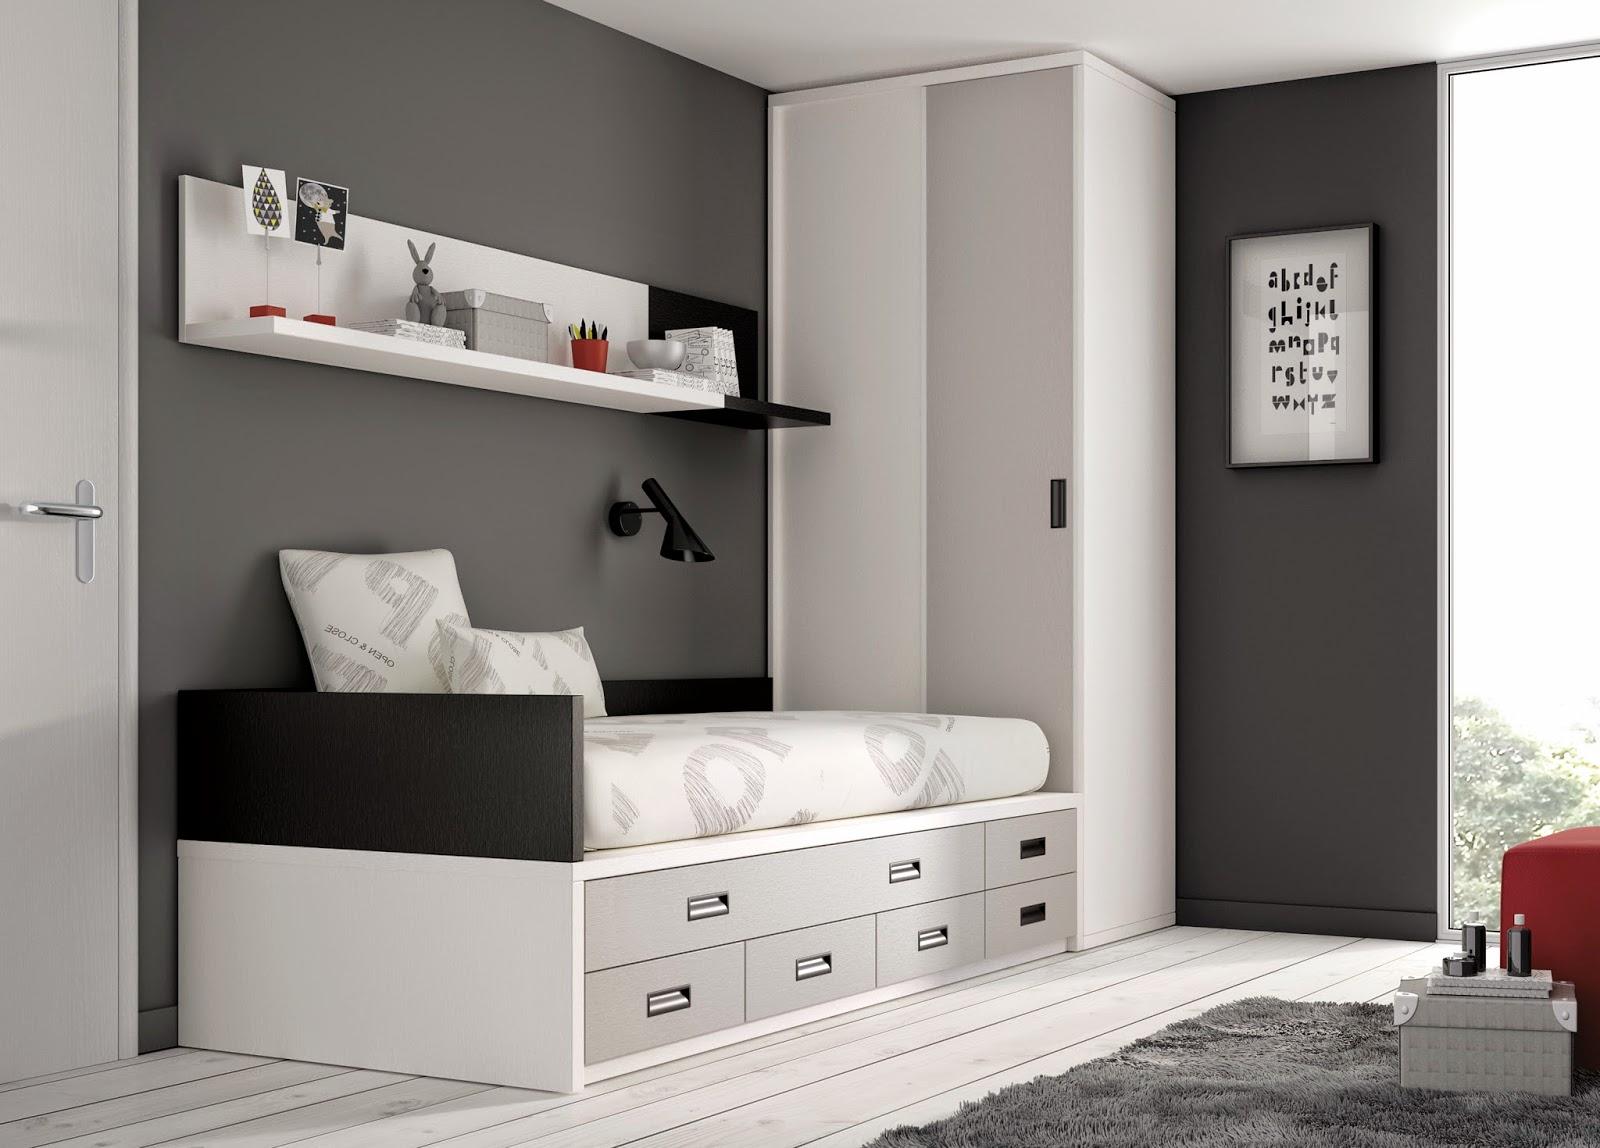 Muebles ros camas compactas las reinas de la habitaci n for Literas originales para un cuarto juvenil